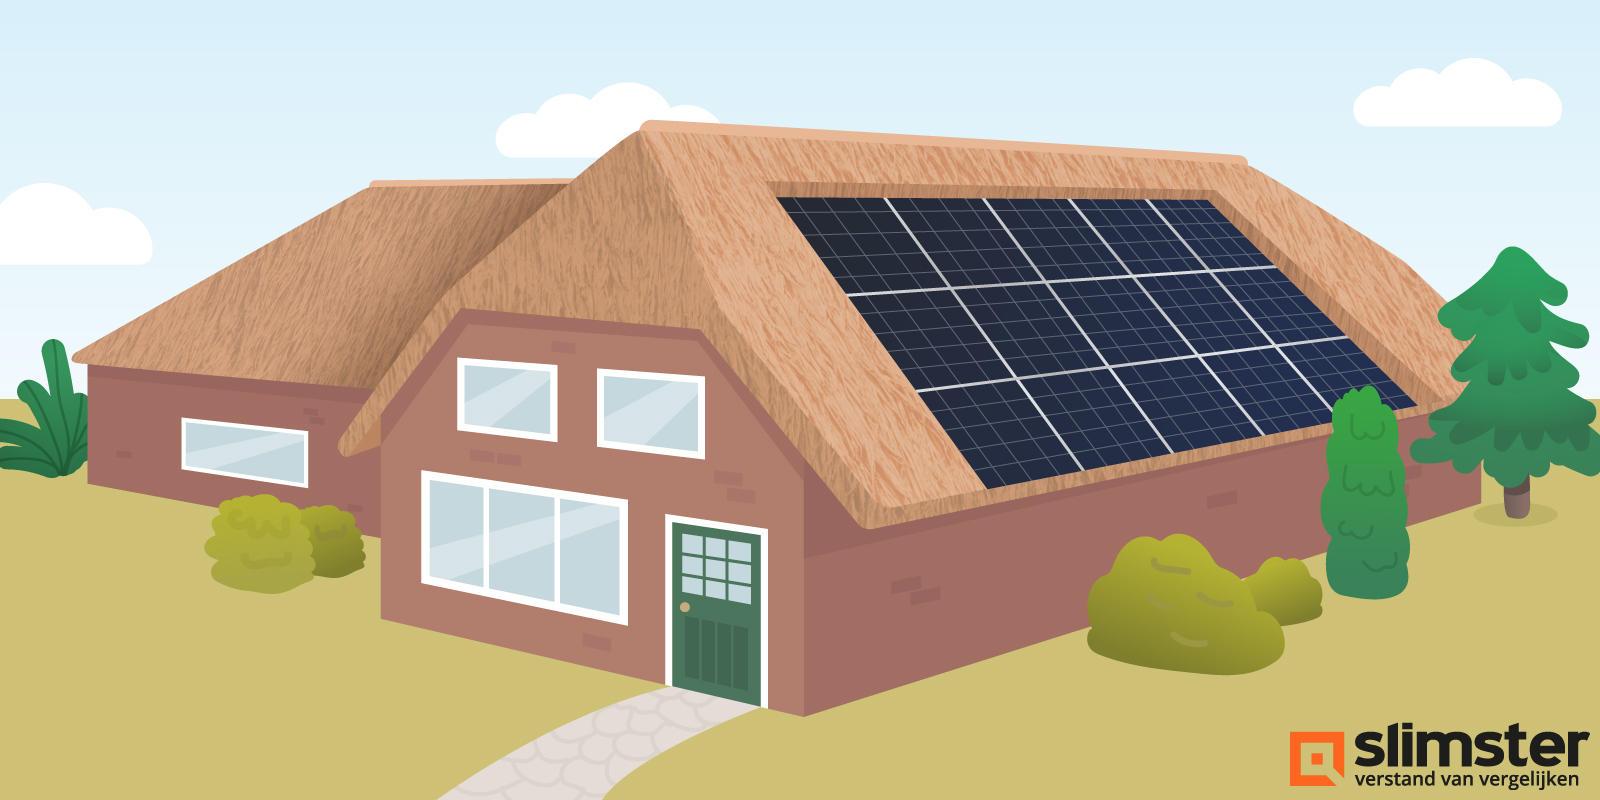 zonnepanelen in rieten dak